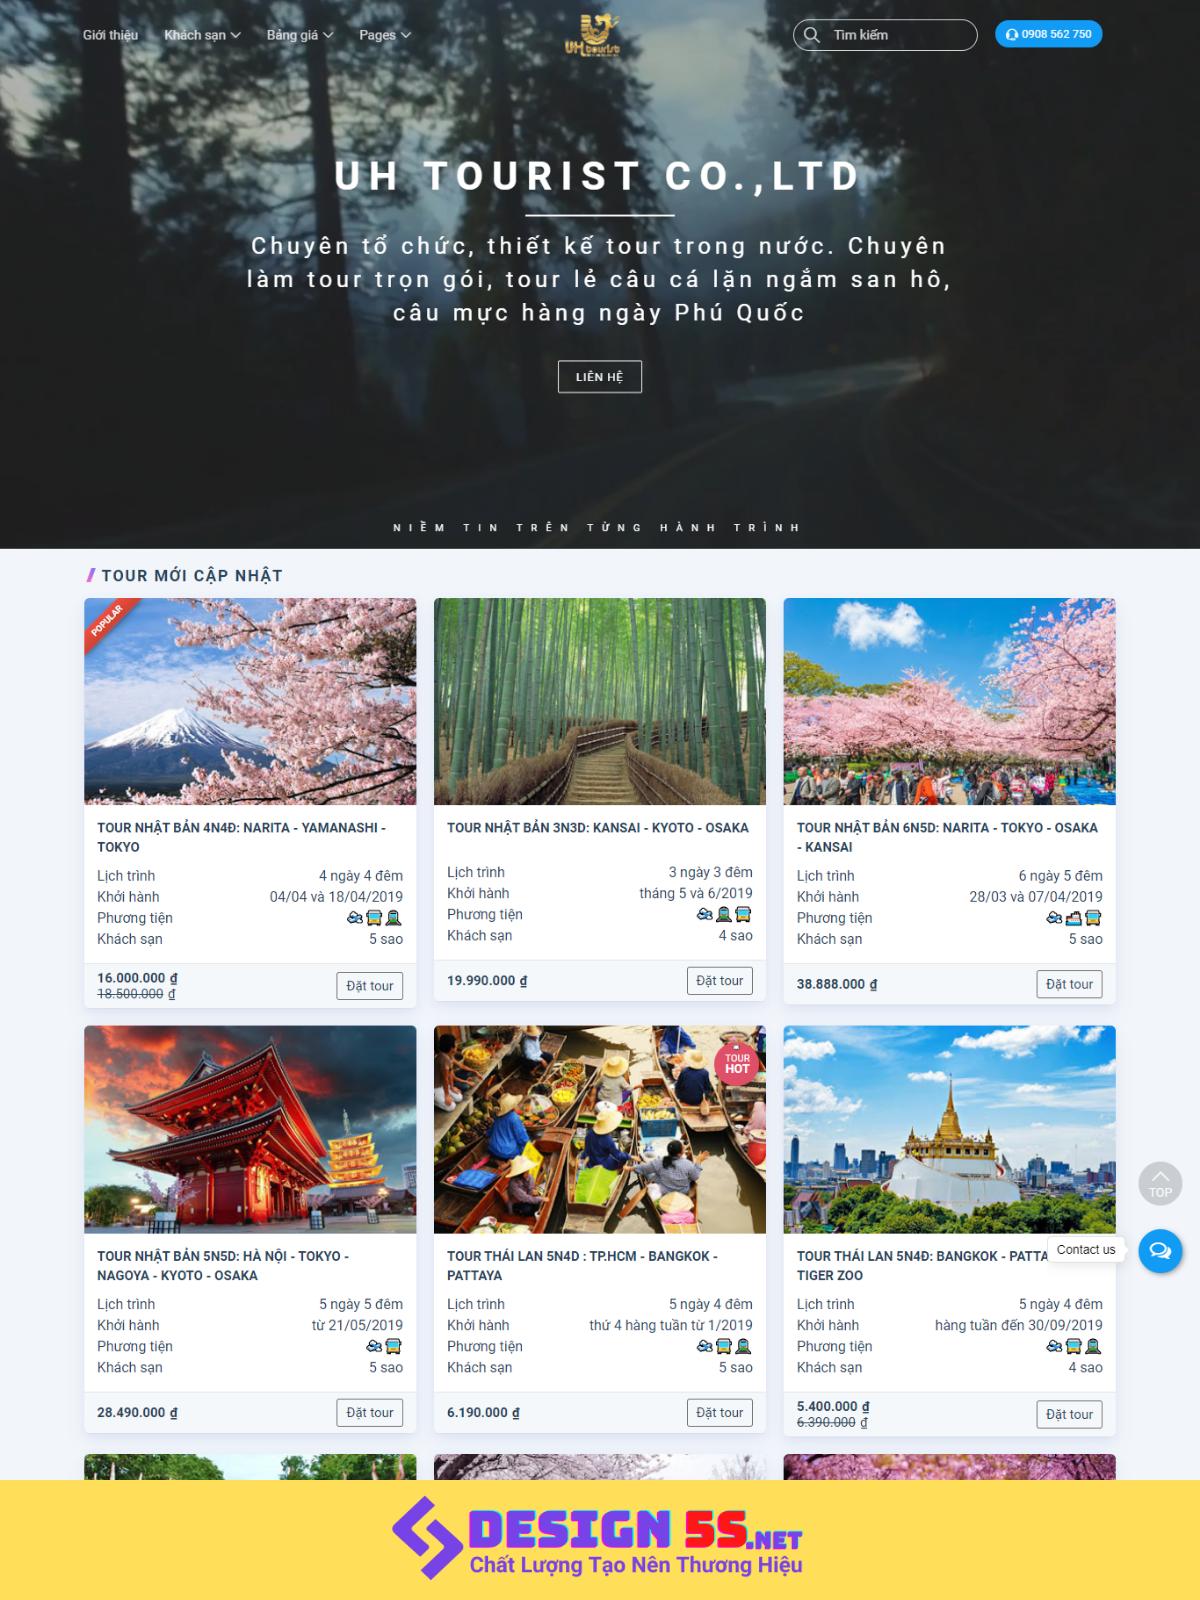 Template blogspot du lịch đặt tour online VSM74